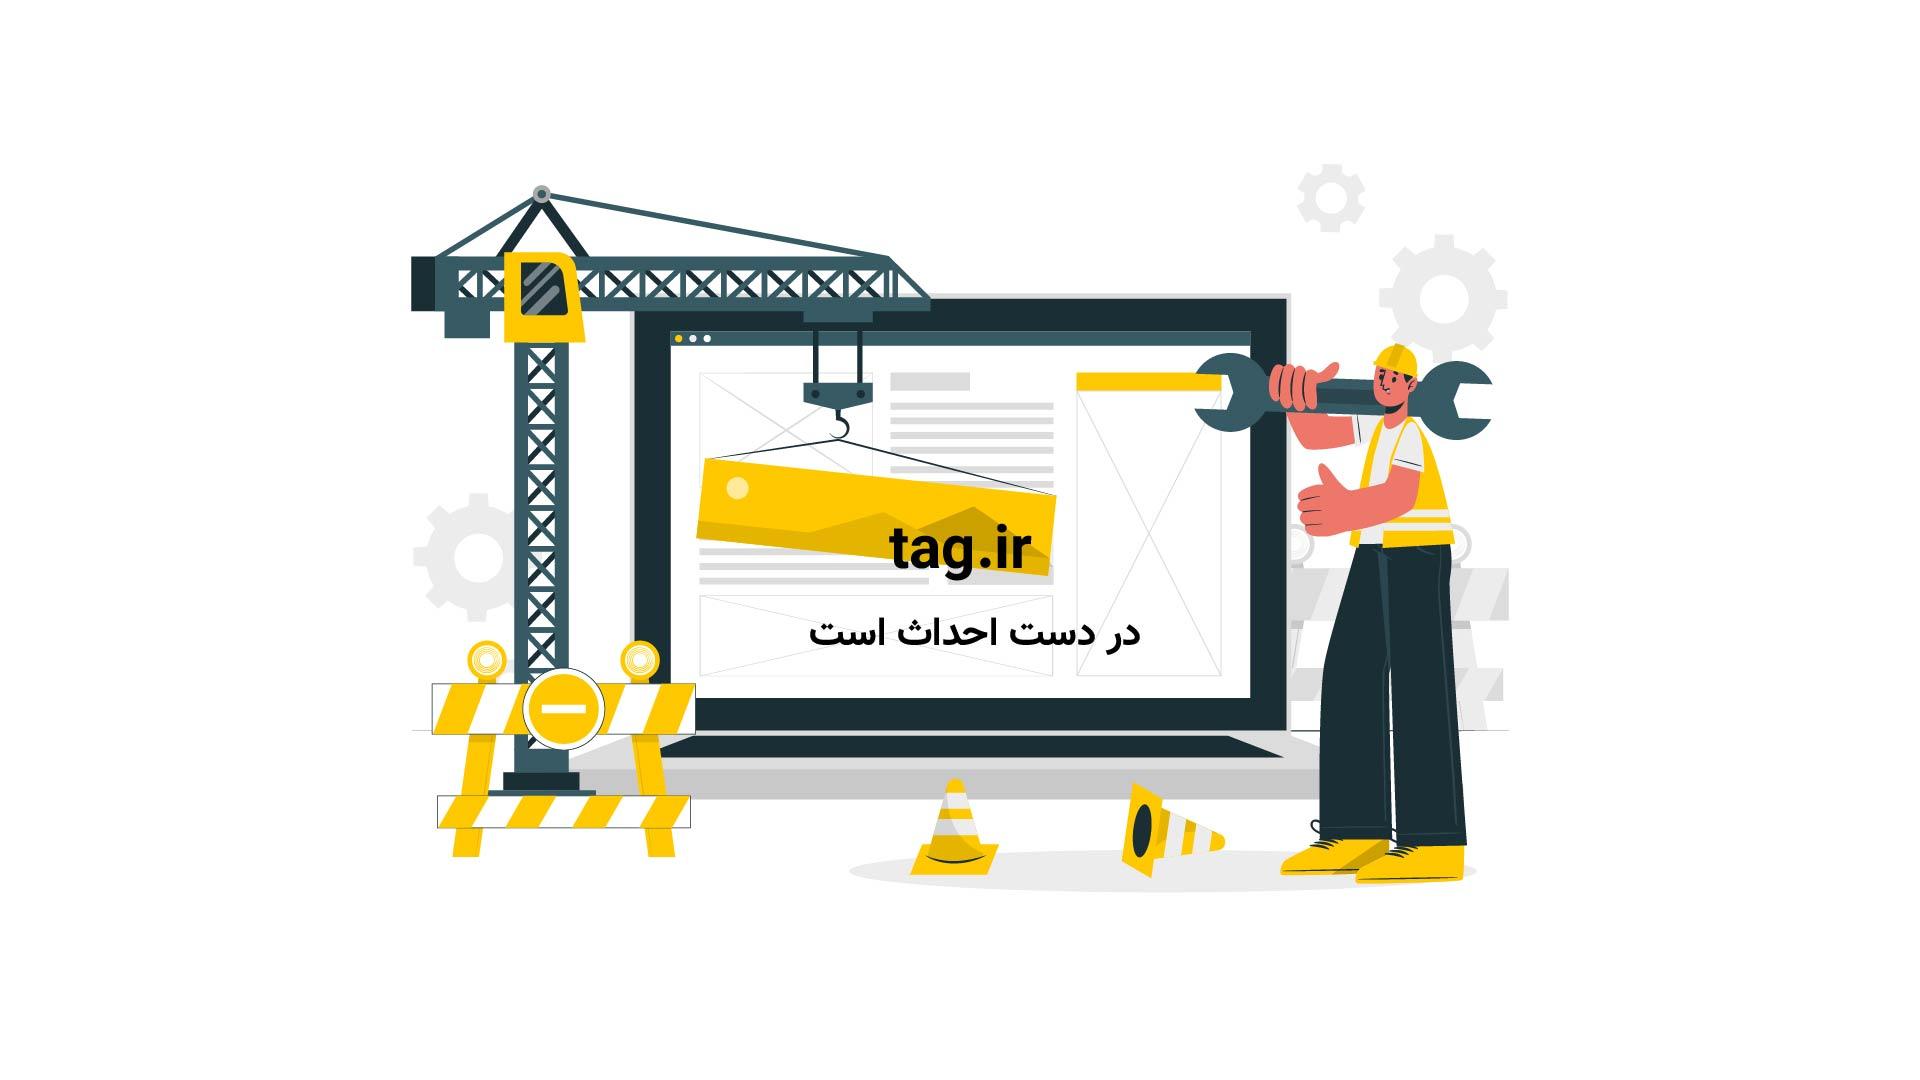 بمباران-داعش-ابوکمال | تگ